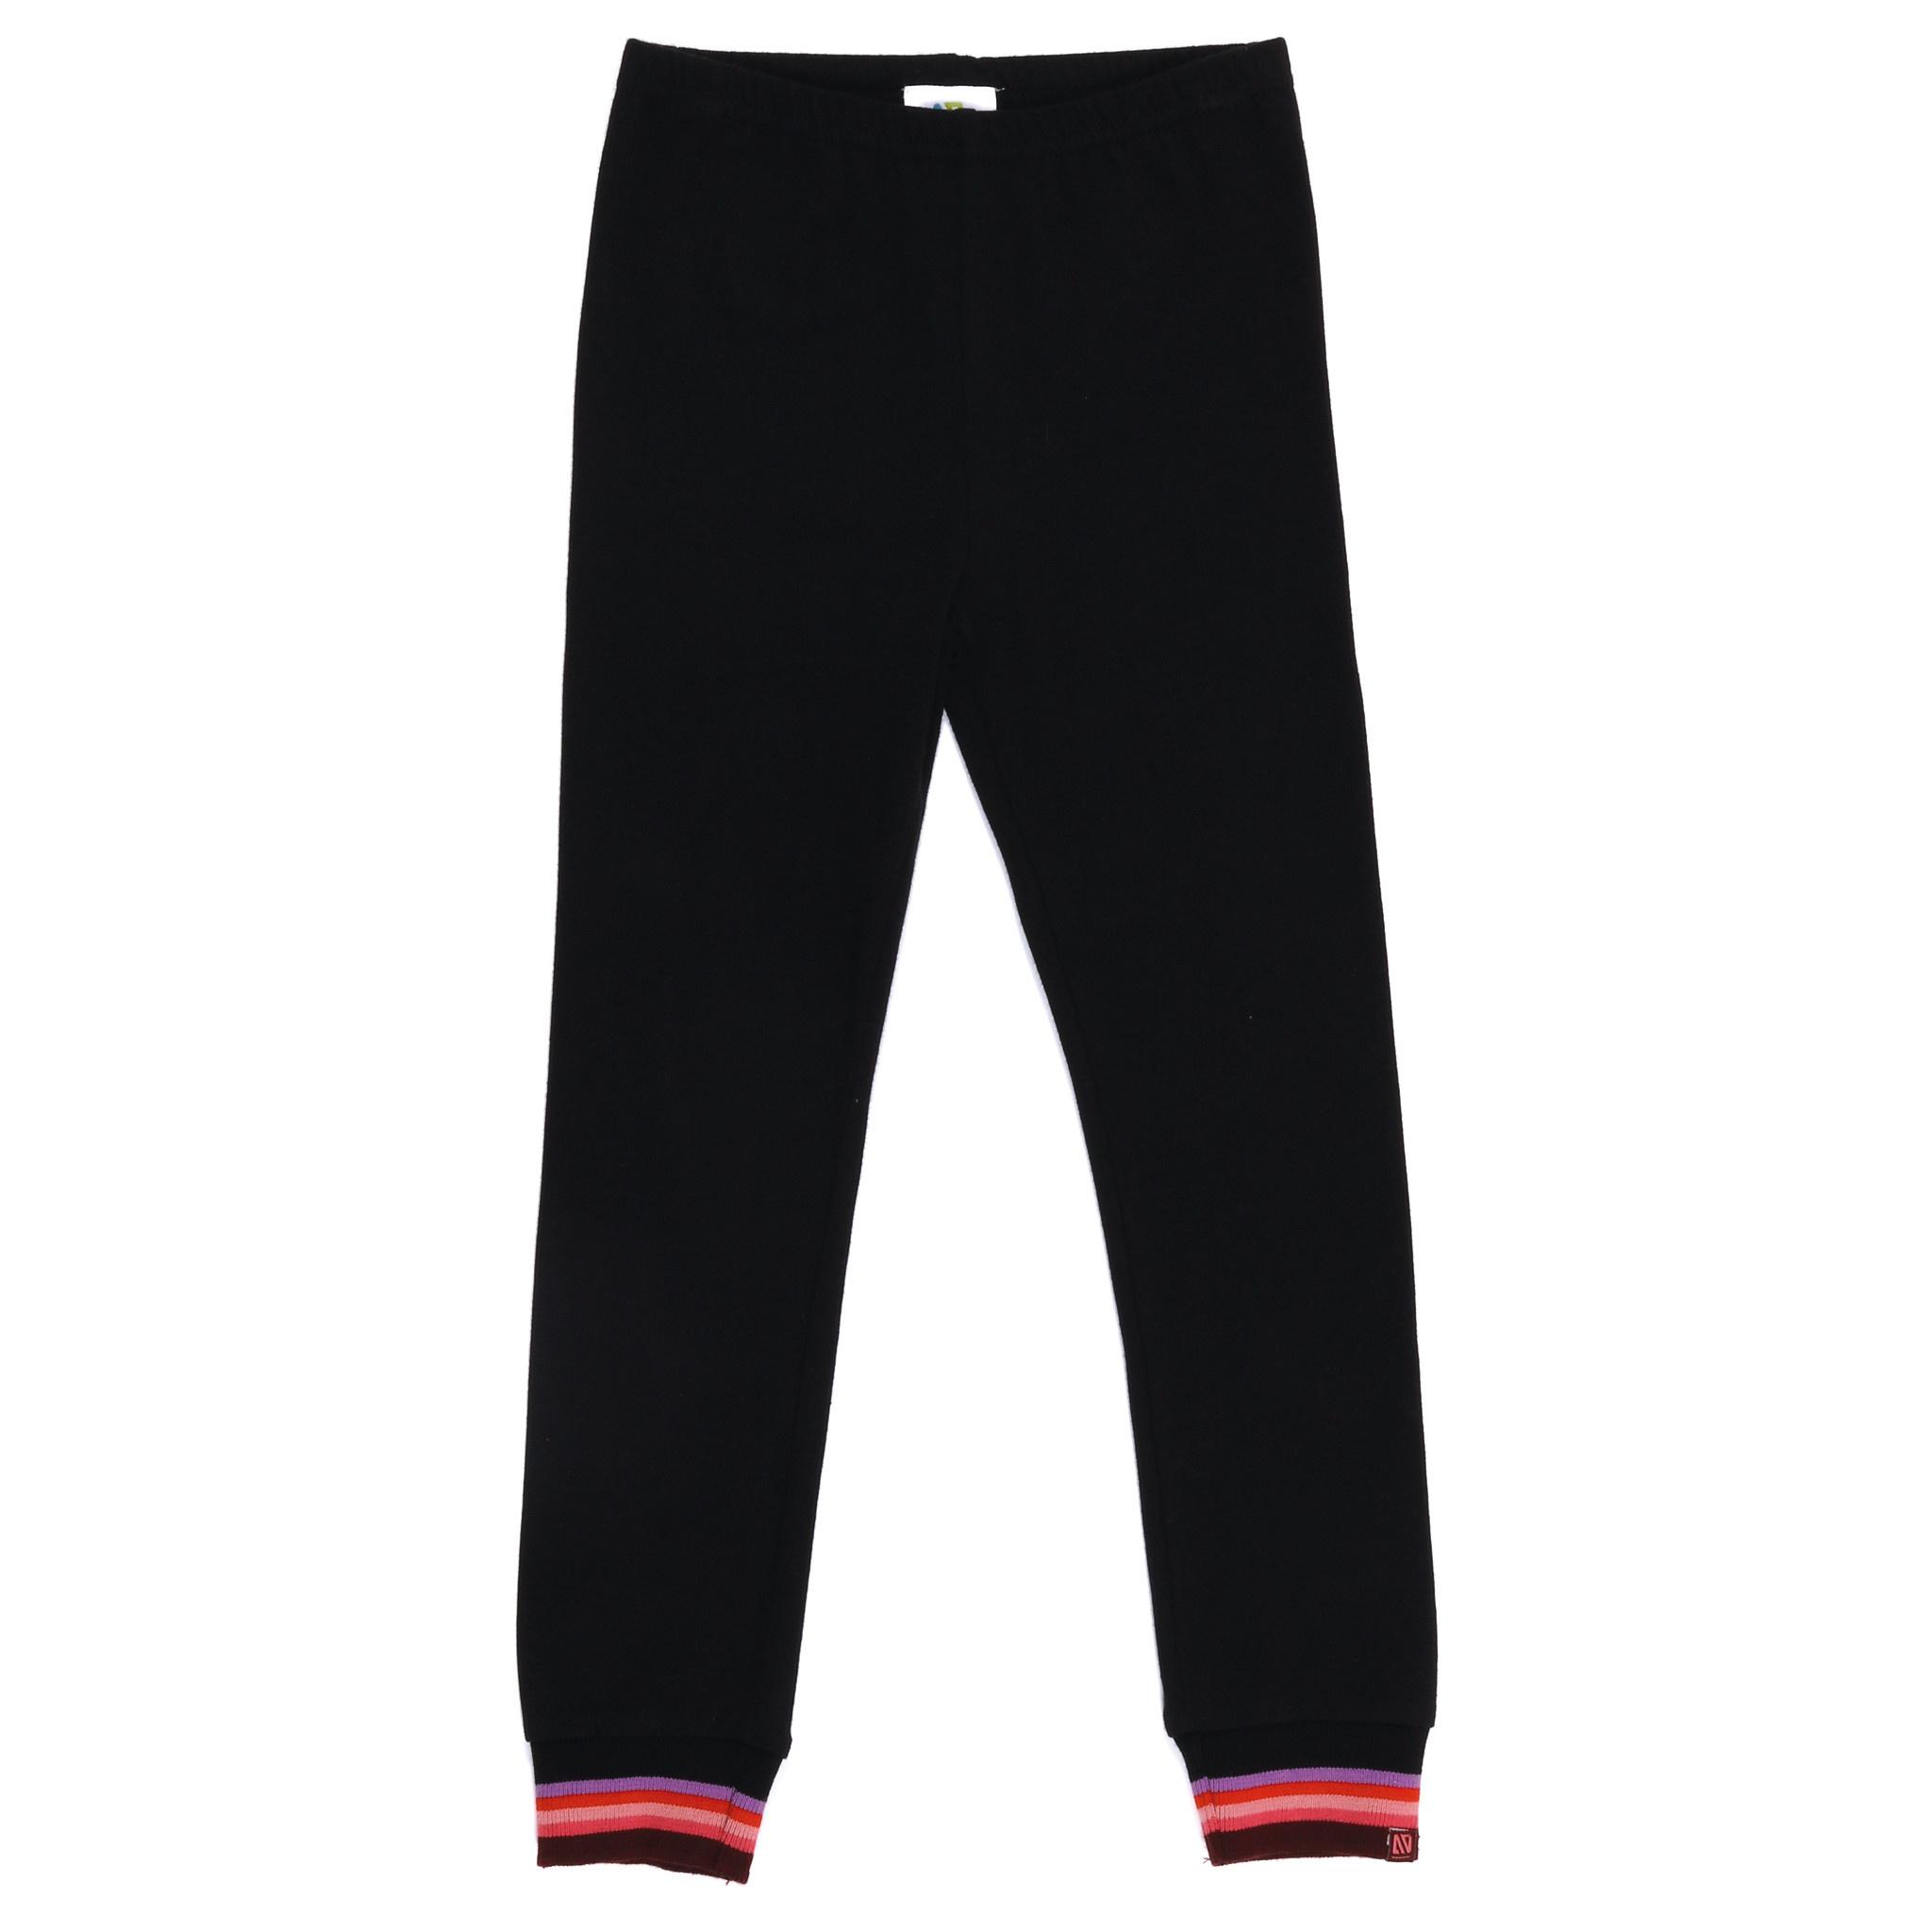 Legging Noir - Flash Retro-1